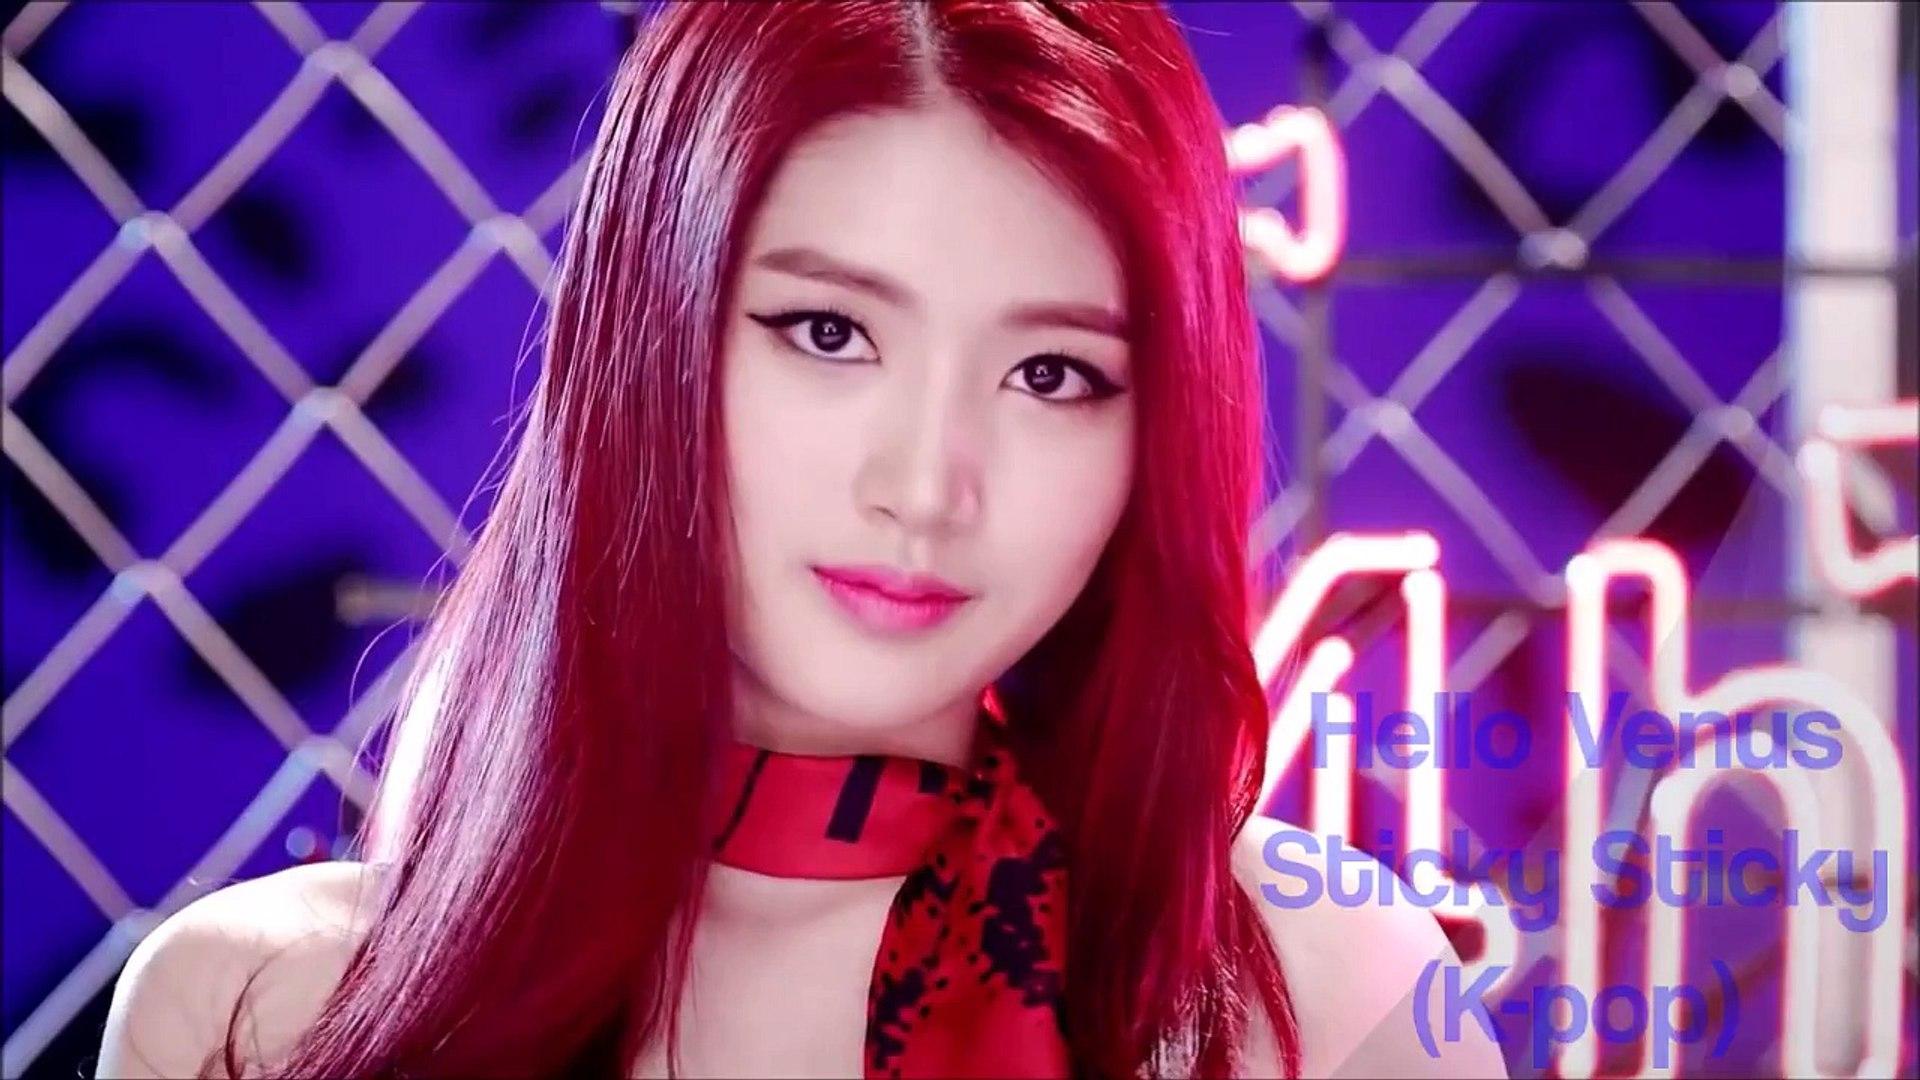 K-pop(Korean Pop) vs T-pop(Thai Pop) [Girl Groups]